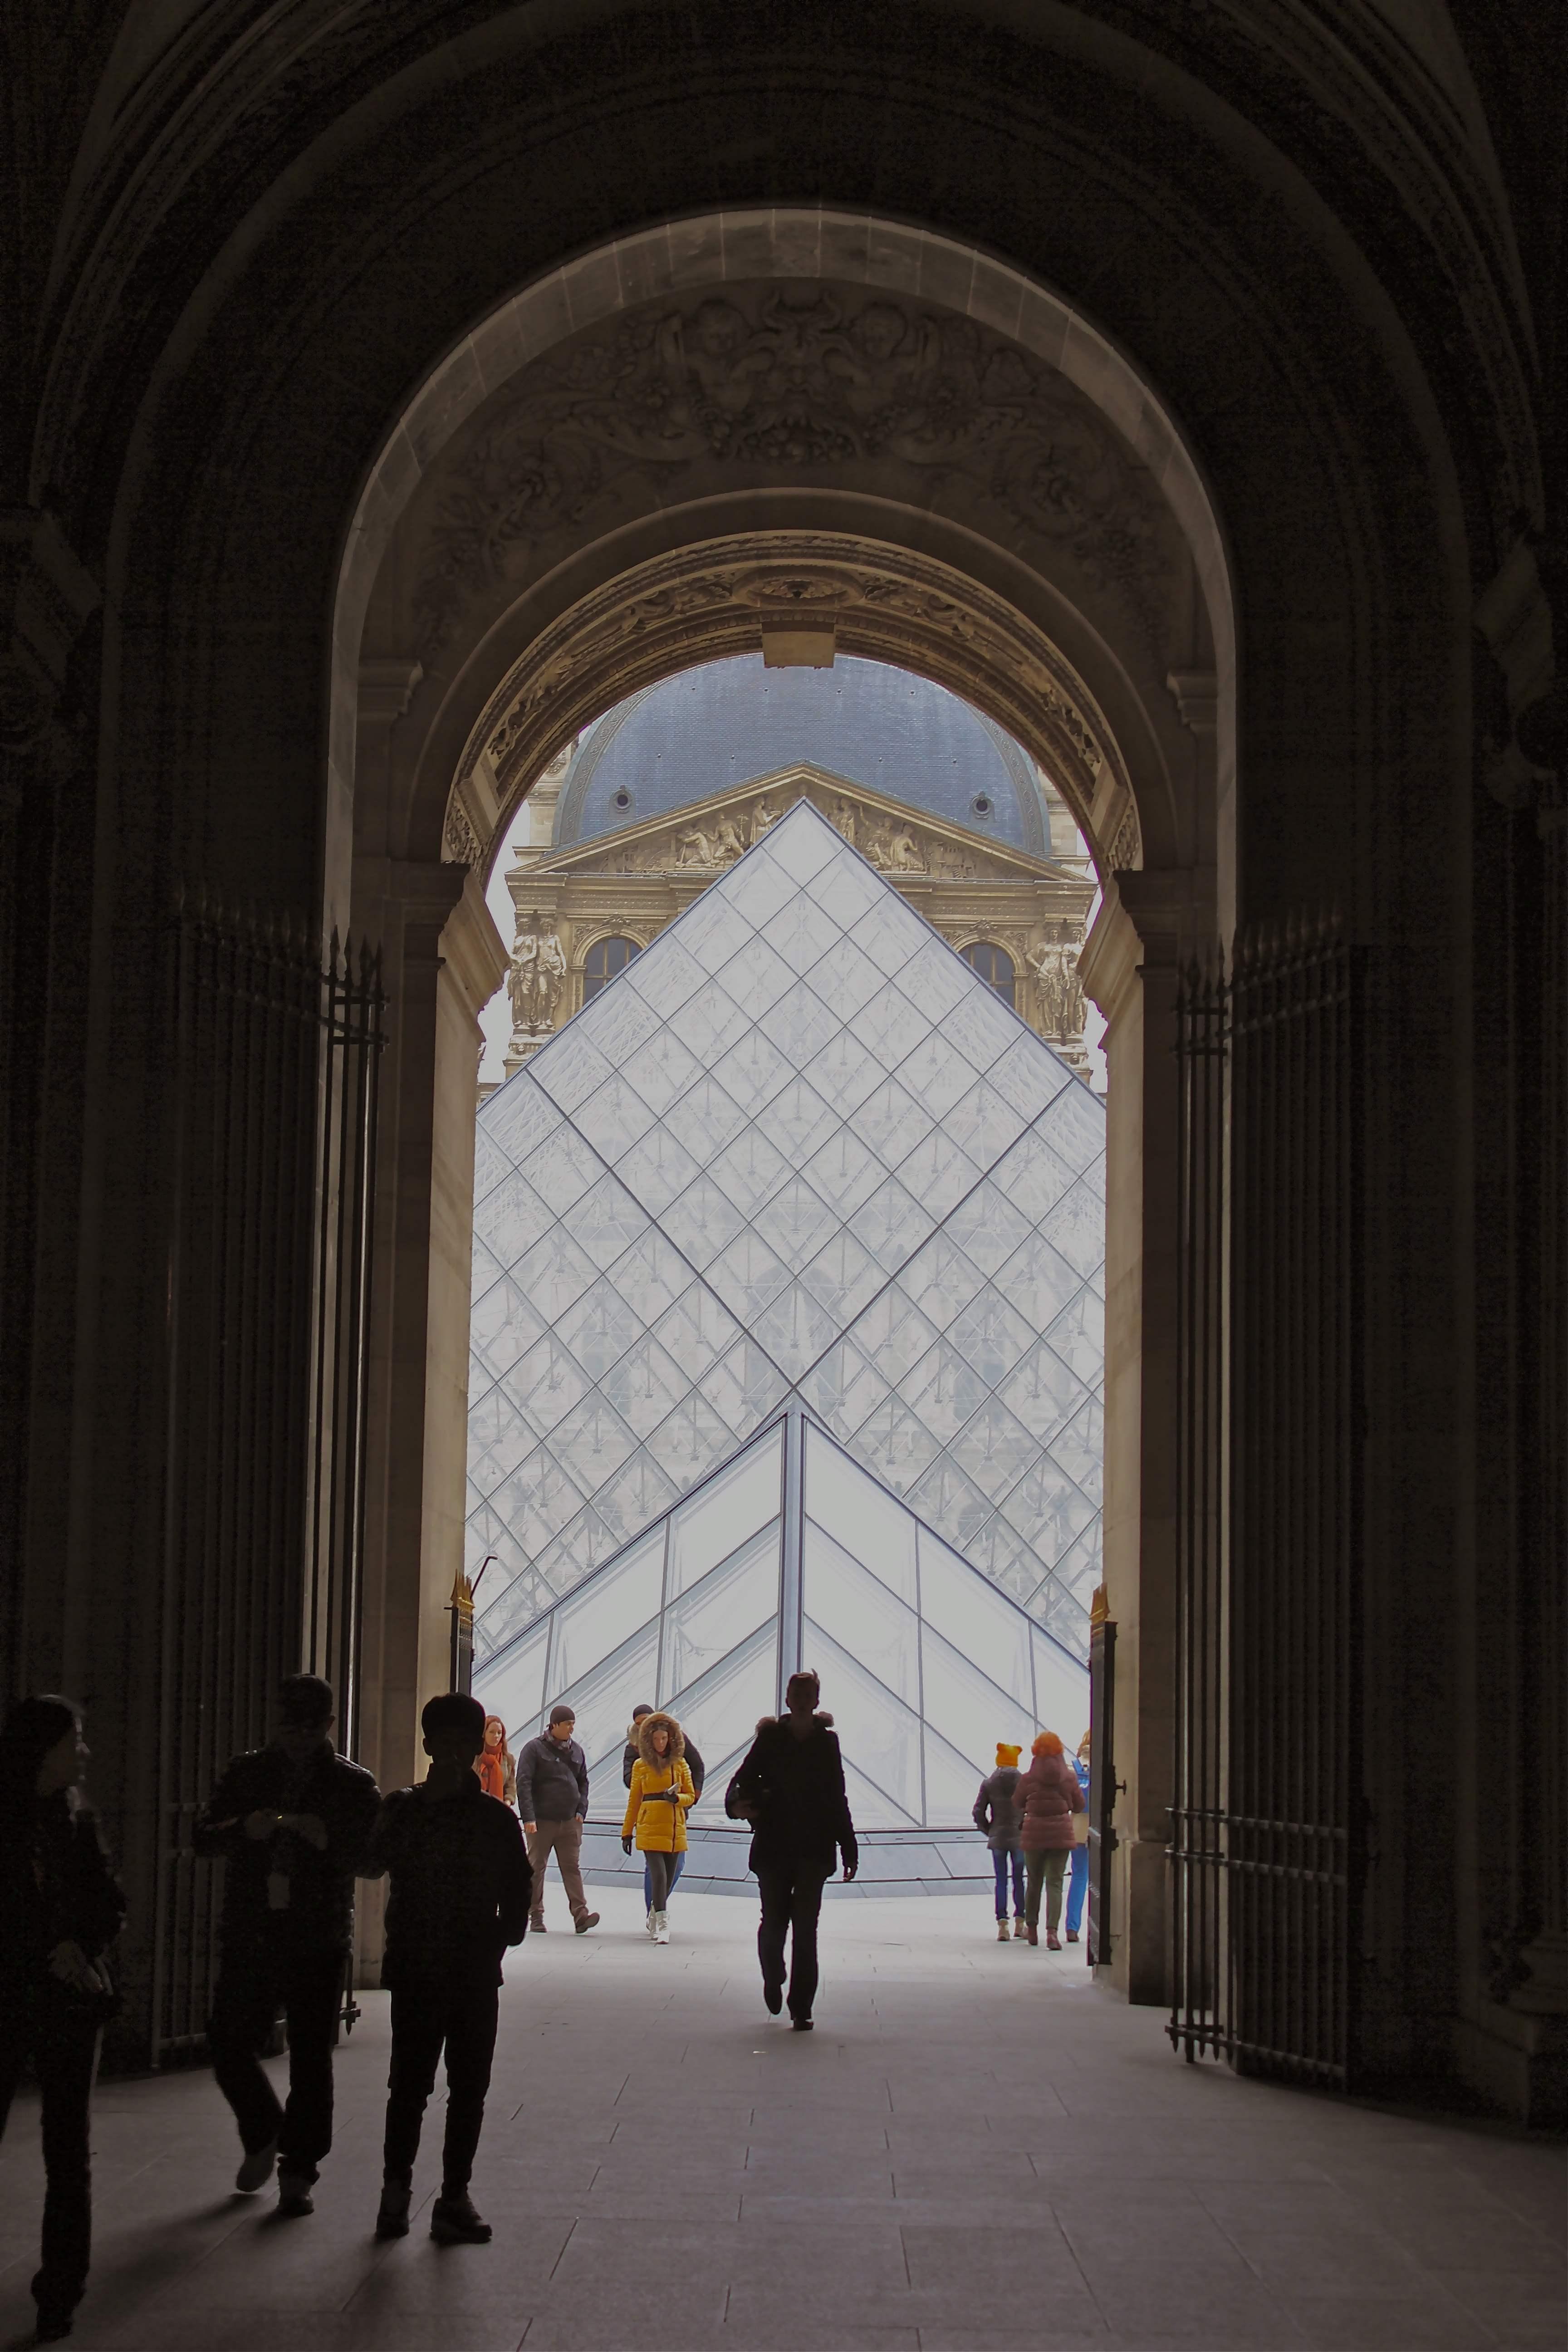 Cortile quadrato del louvre turismo parigi viamichelin for Costo del padiglione per piede quadrato